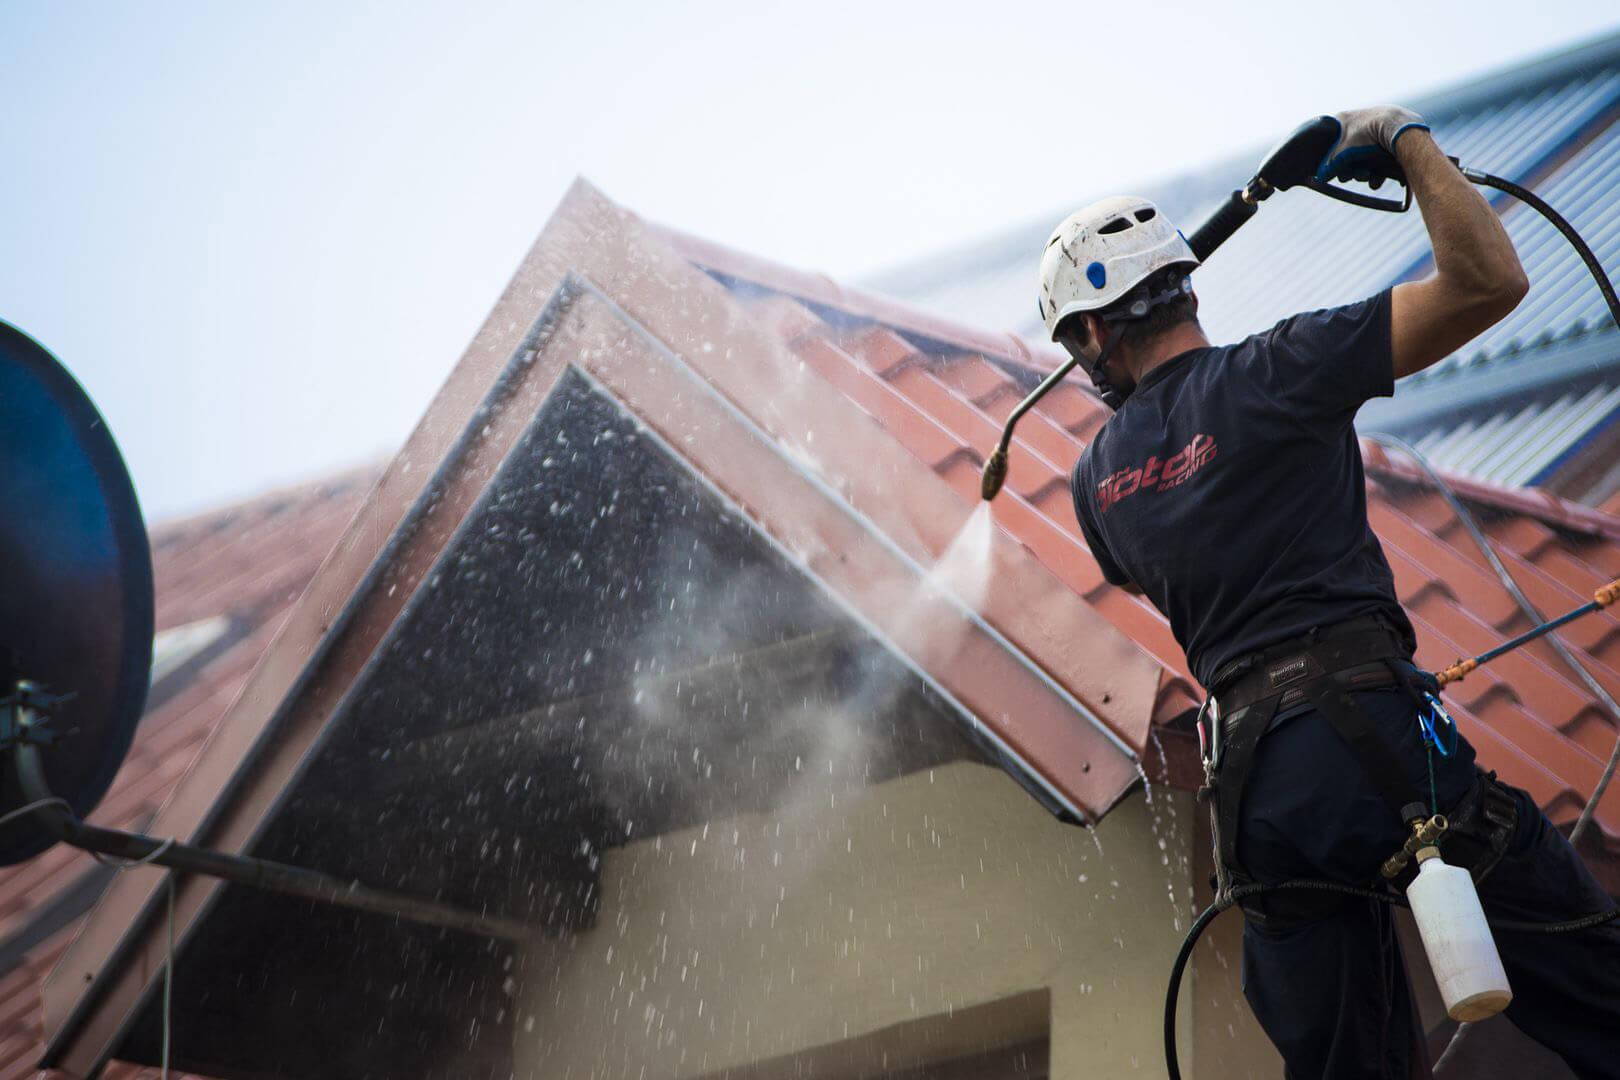 mycie dachu elewacji hali przemysłowej i malowanie